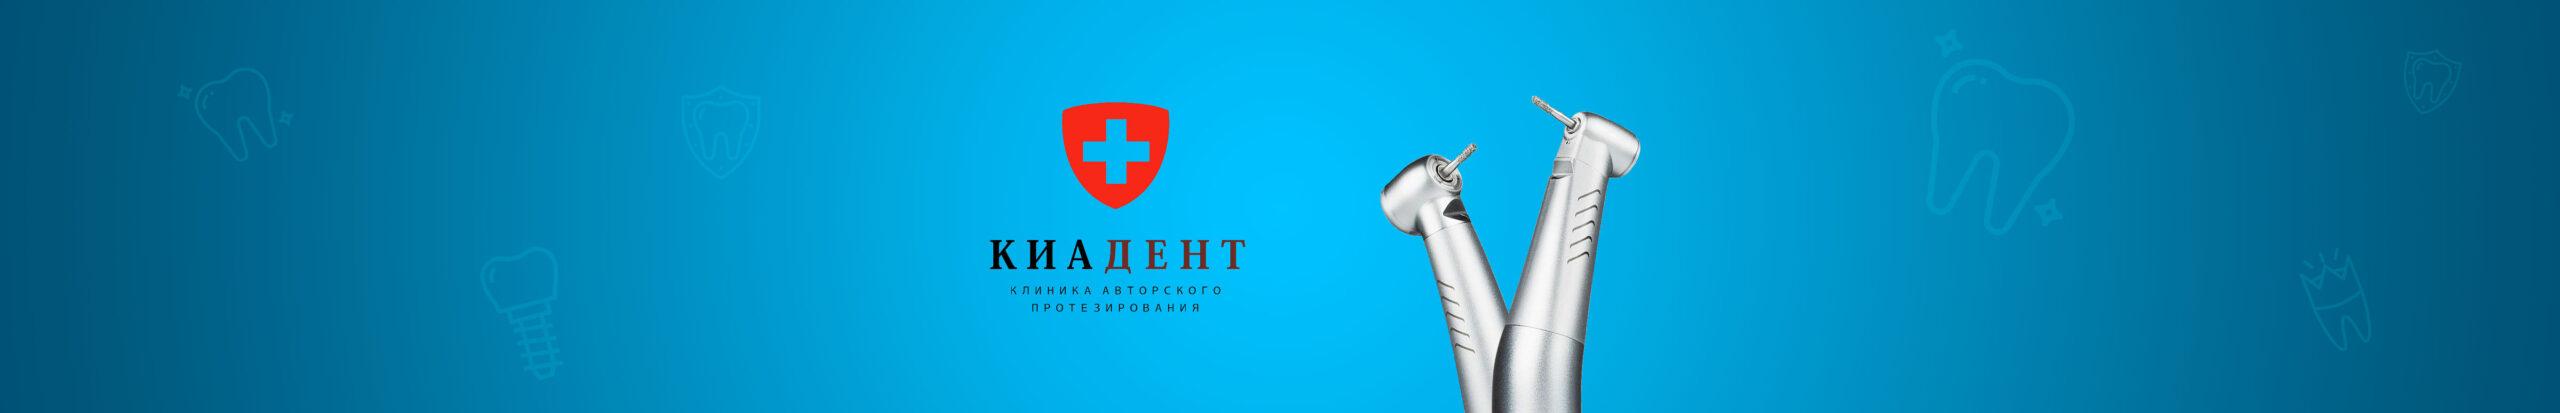 Просування стоматологічної клініки: SEO + PPC